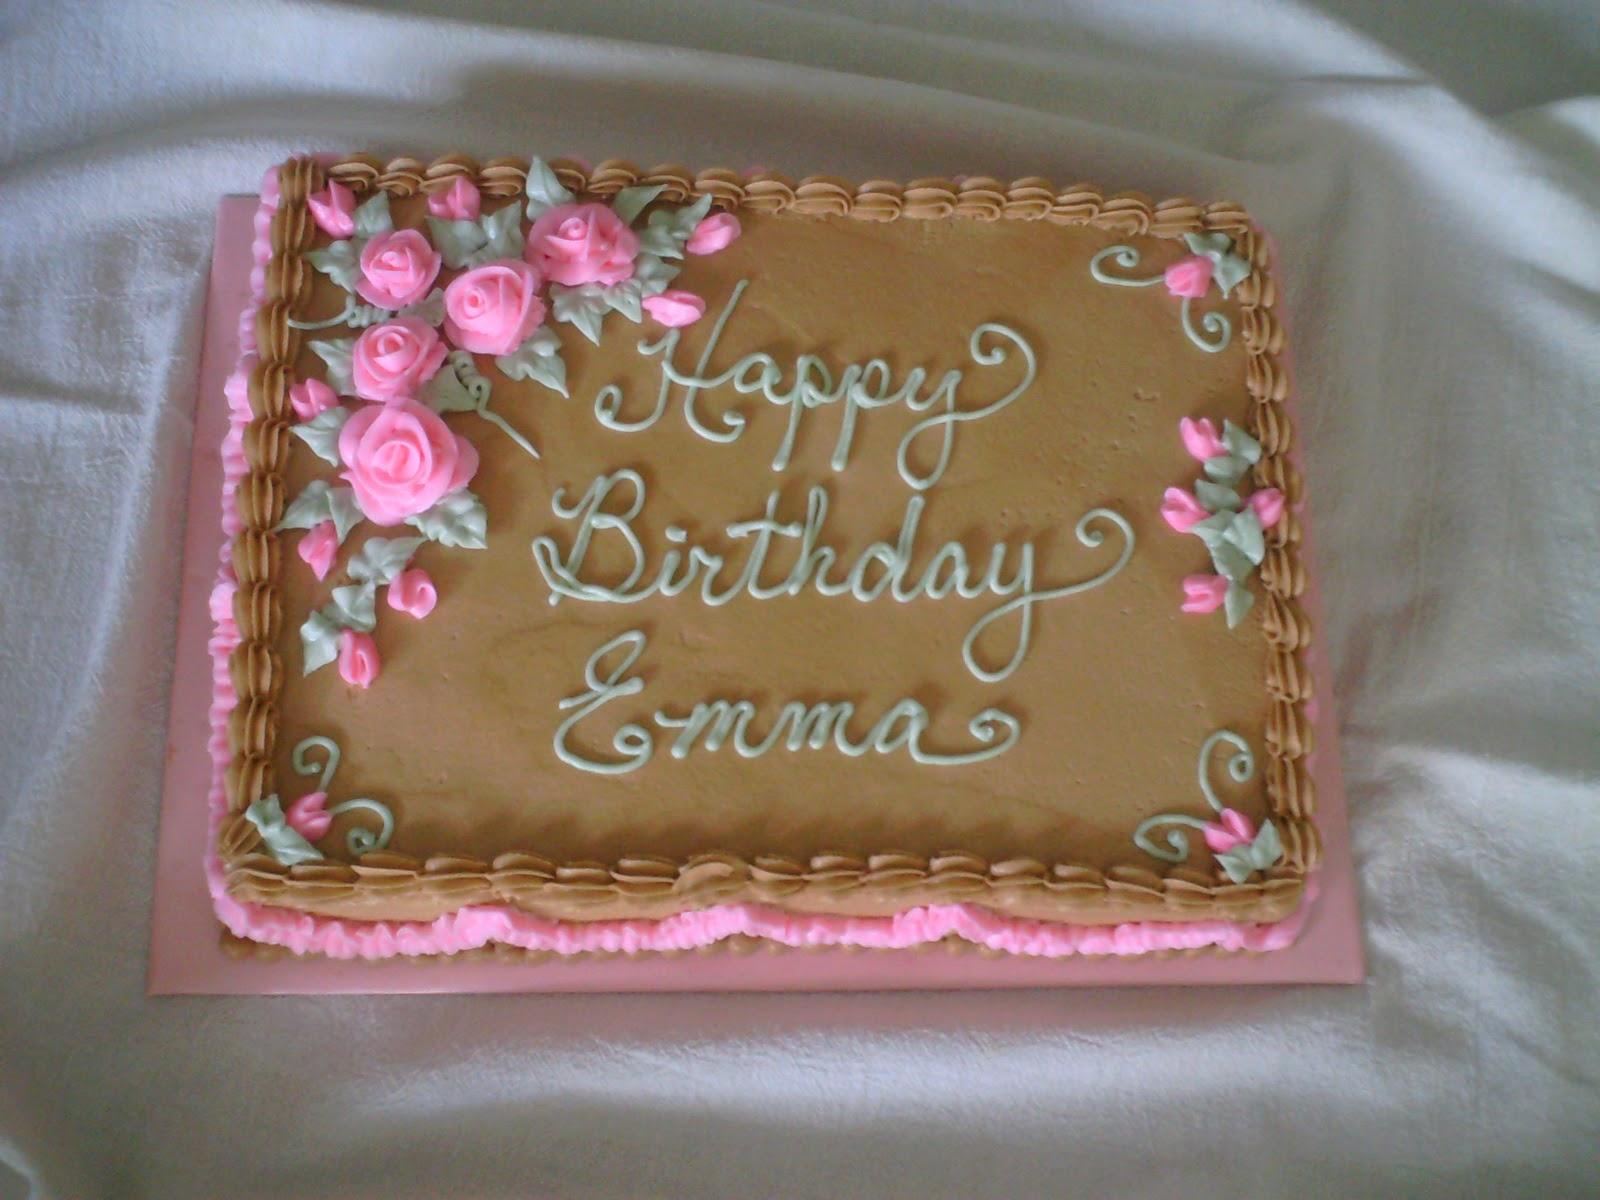 Breezy S Cakes